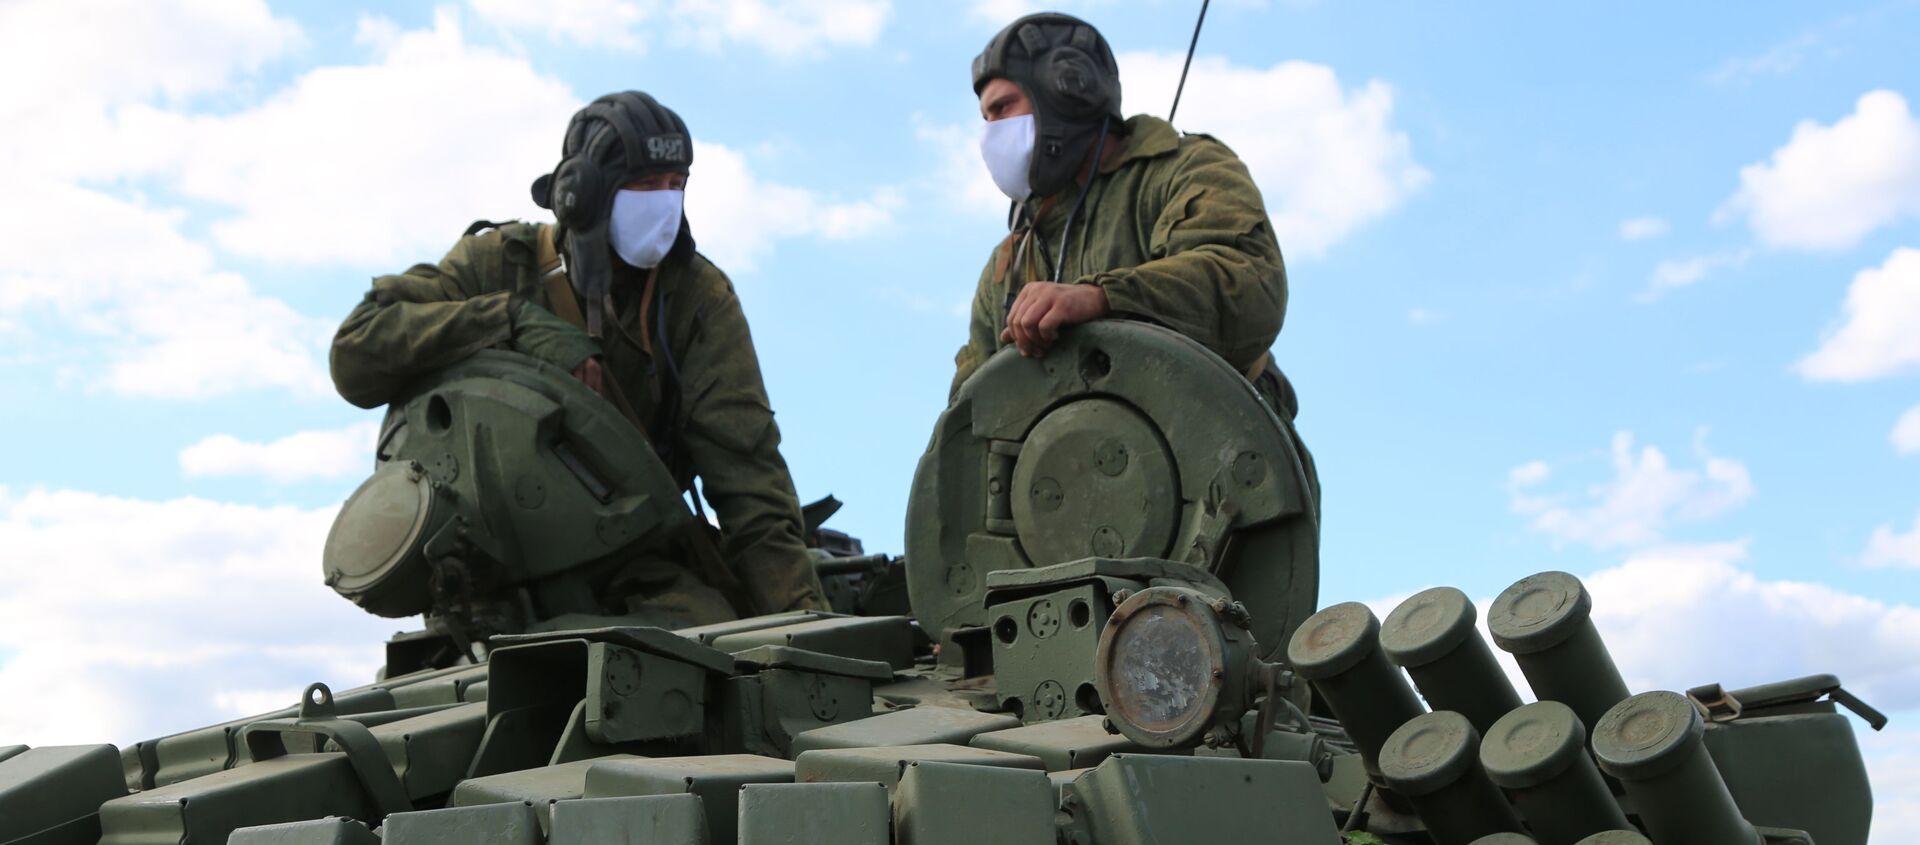 Czołgiści Milicji Ludowej  przy linii rozgraniczającej strony konfliktu w Donbasie - Sputnik Polska, 1920, 14.04.2021